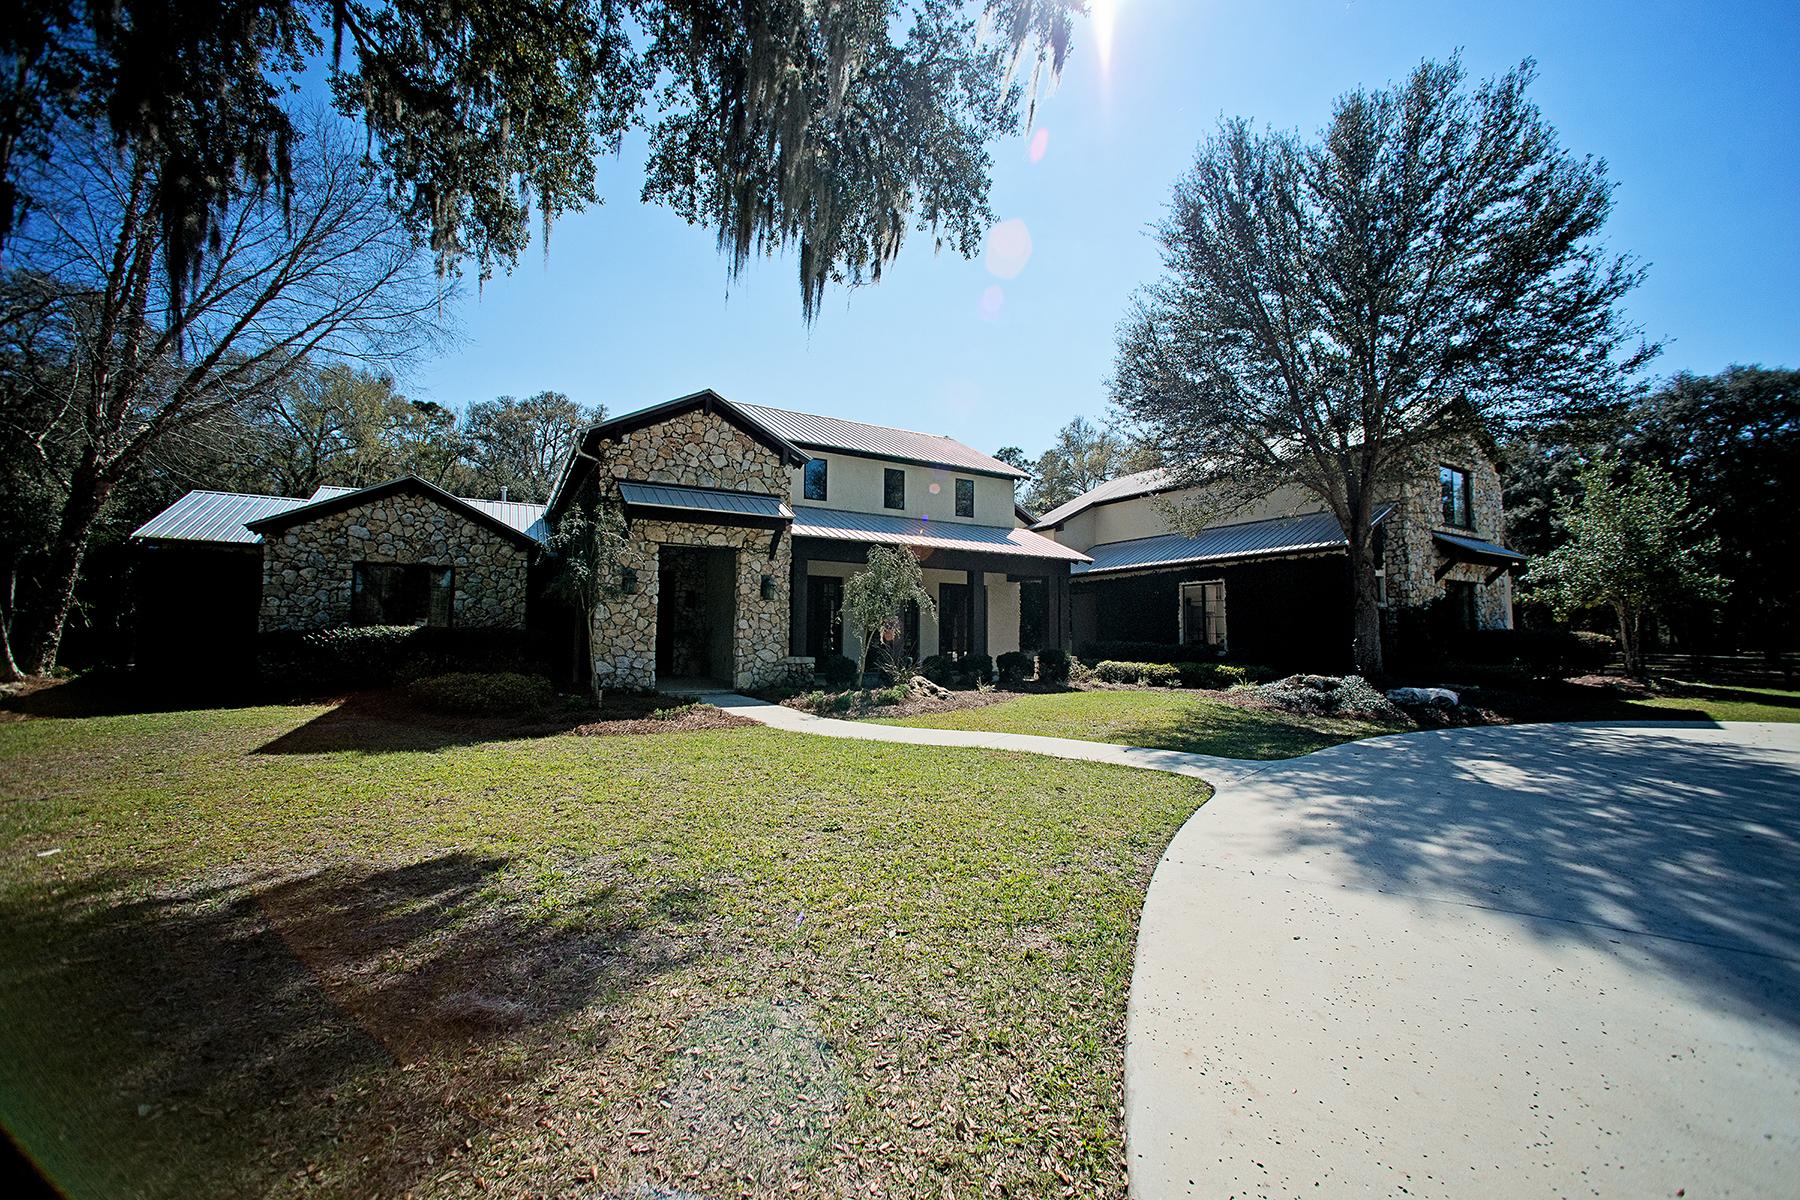 Tek Ailelik Ev için Satış at SUMMERFIELD 4300 Highway 42 Summerfield, Florida, 34491 Amerika Birleşik Devletleri